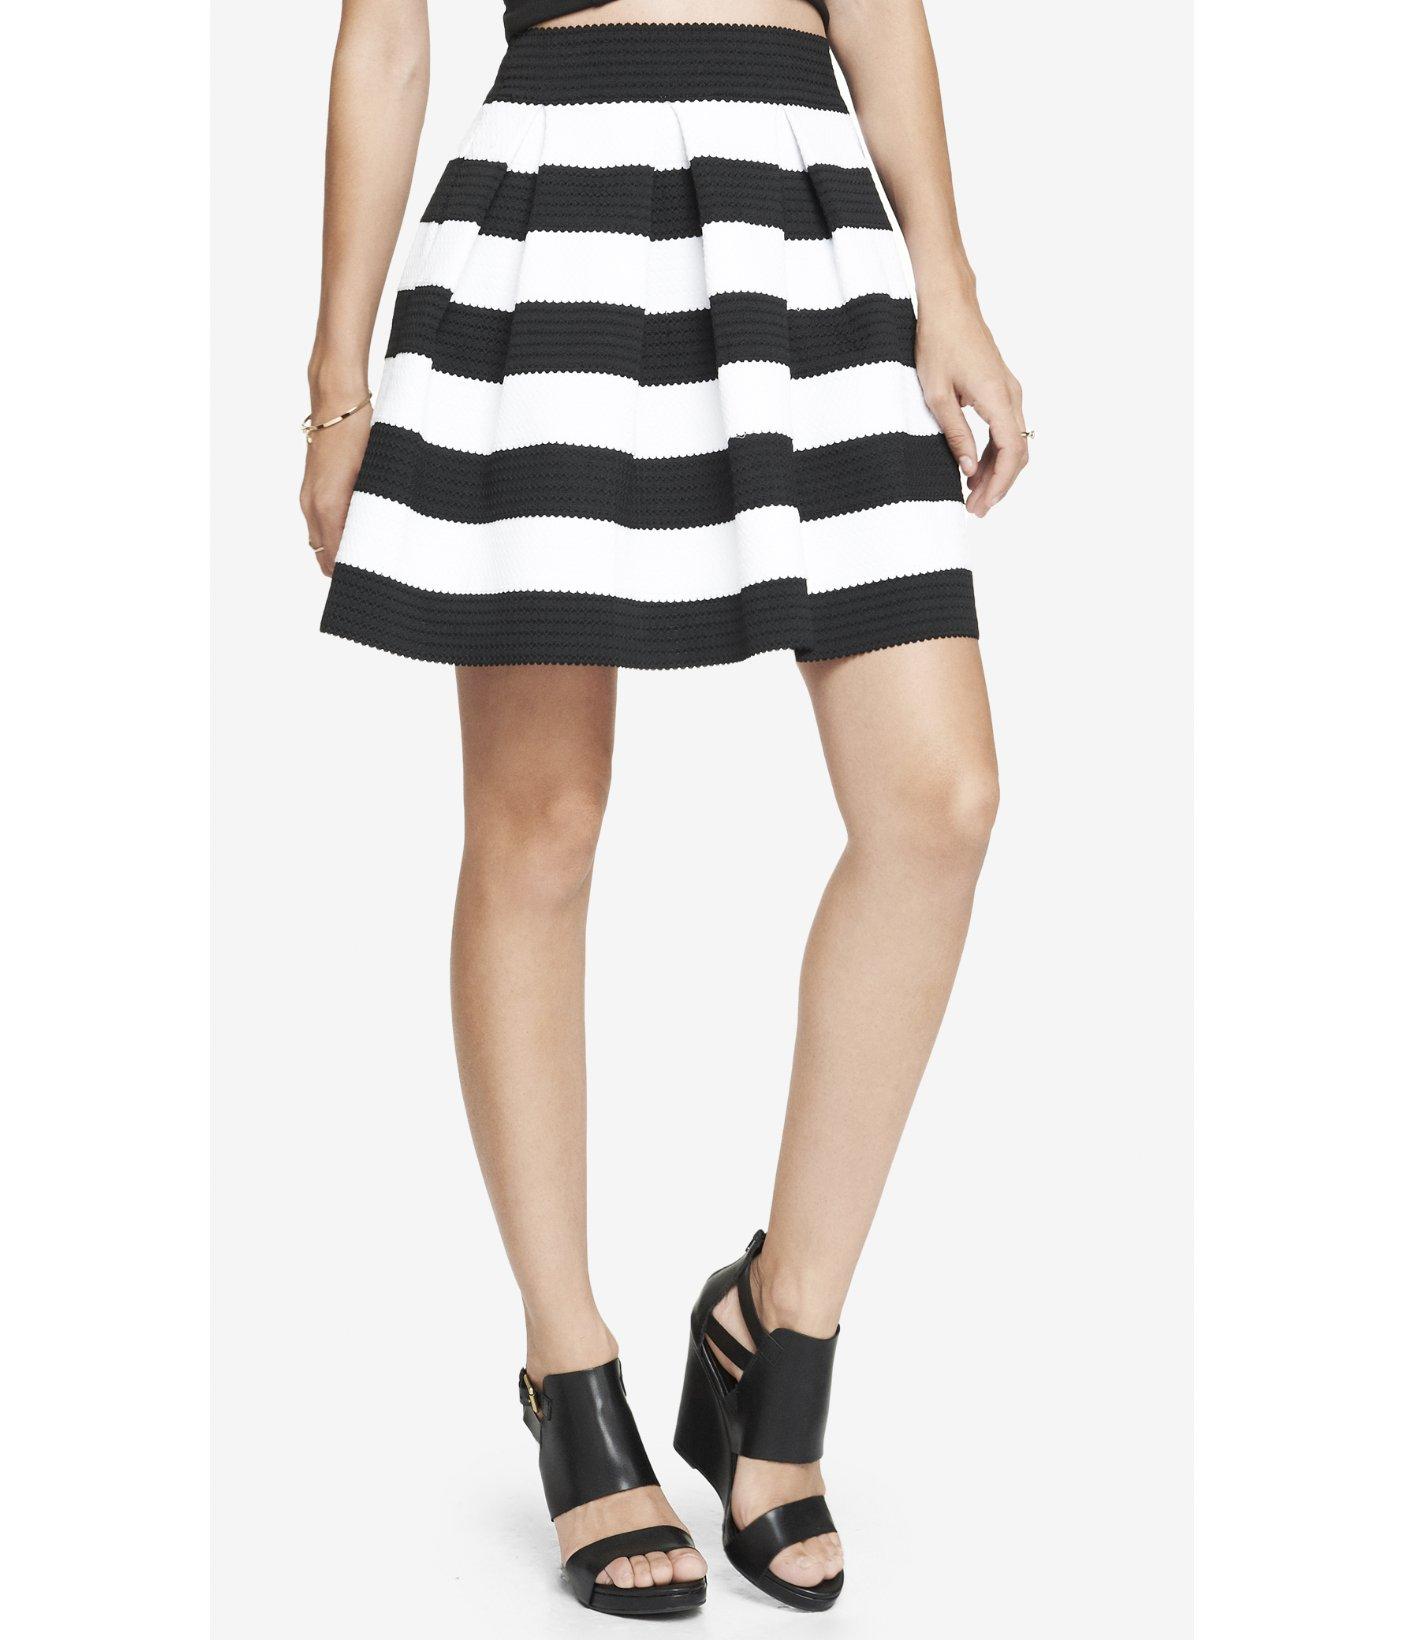 Express High Waist Elastic Stripe Full Skirt in Black | Lyst